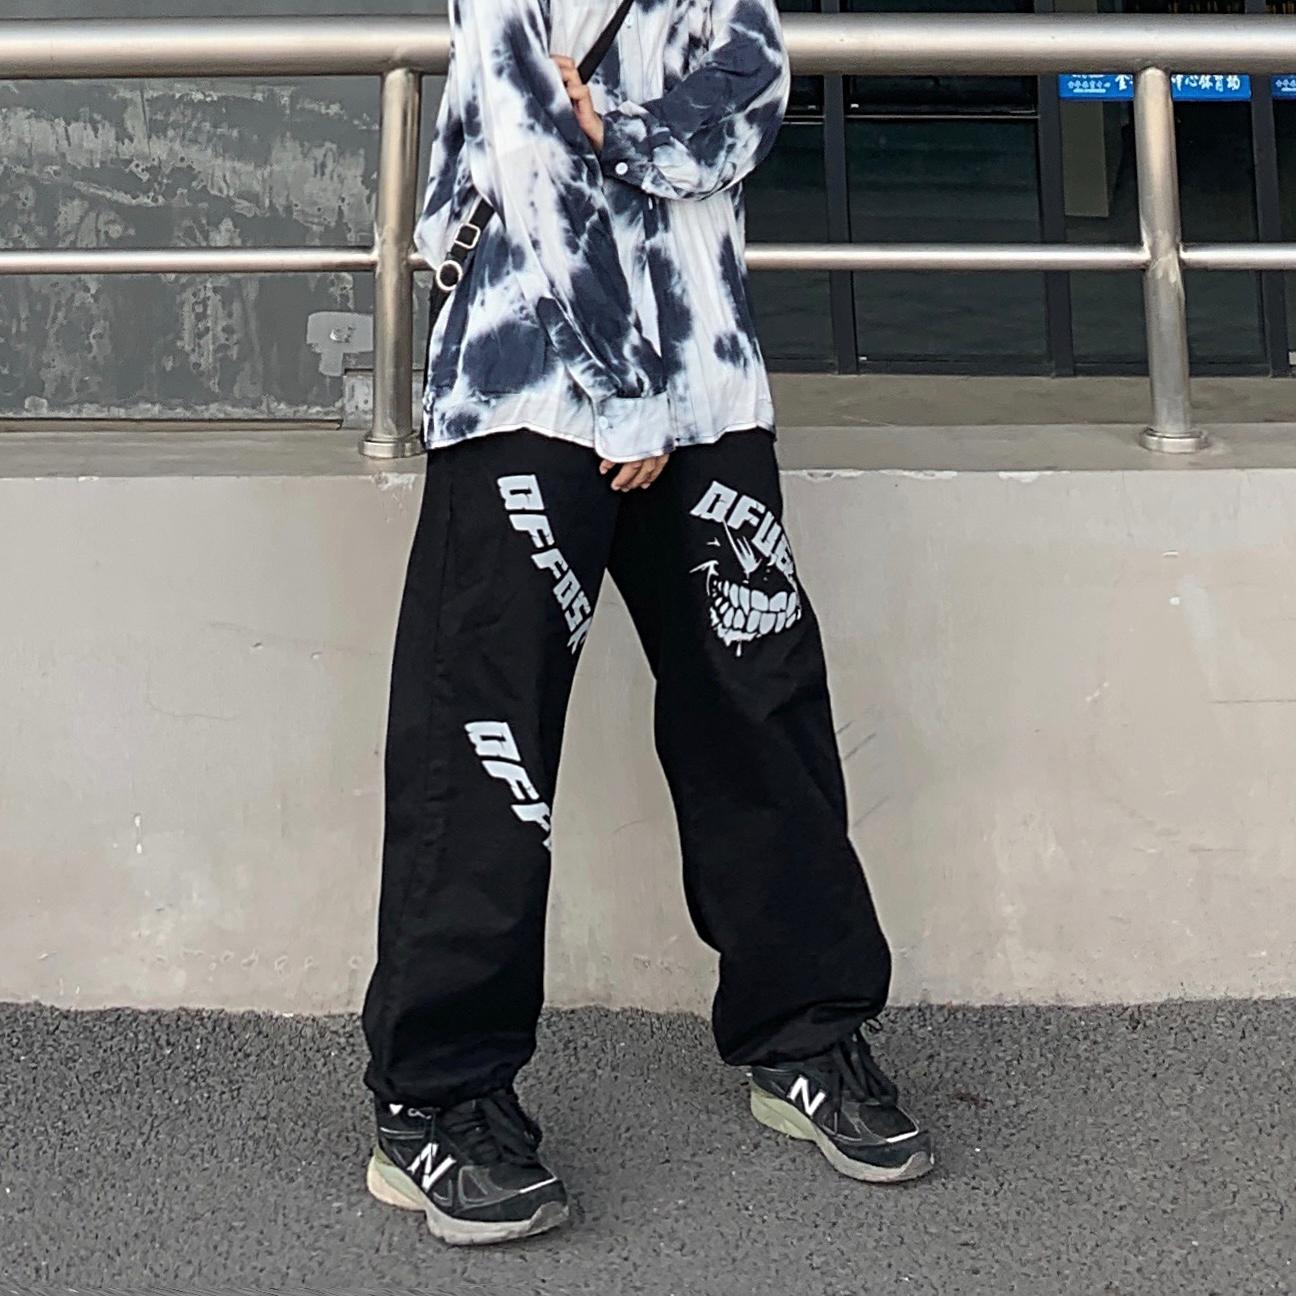 【免運】韓版ins暗黑原宿風印花收腳闊腿工裝長褲 直筒寬鬆休閒長褲男女潮 情侶裝